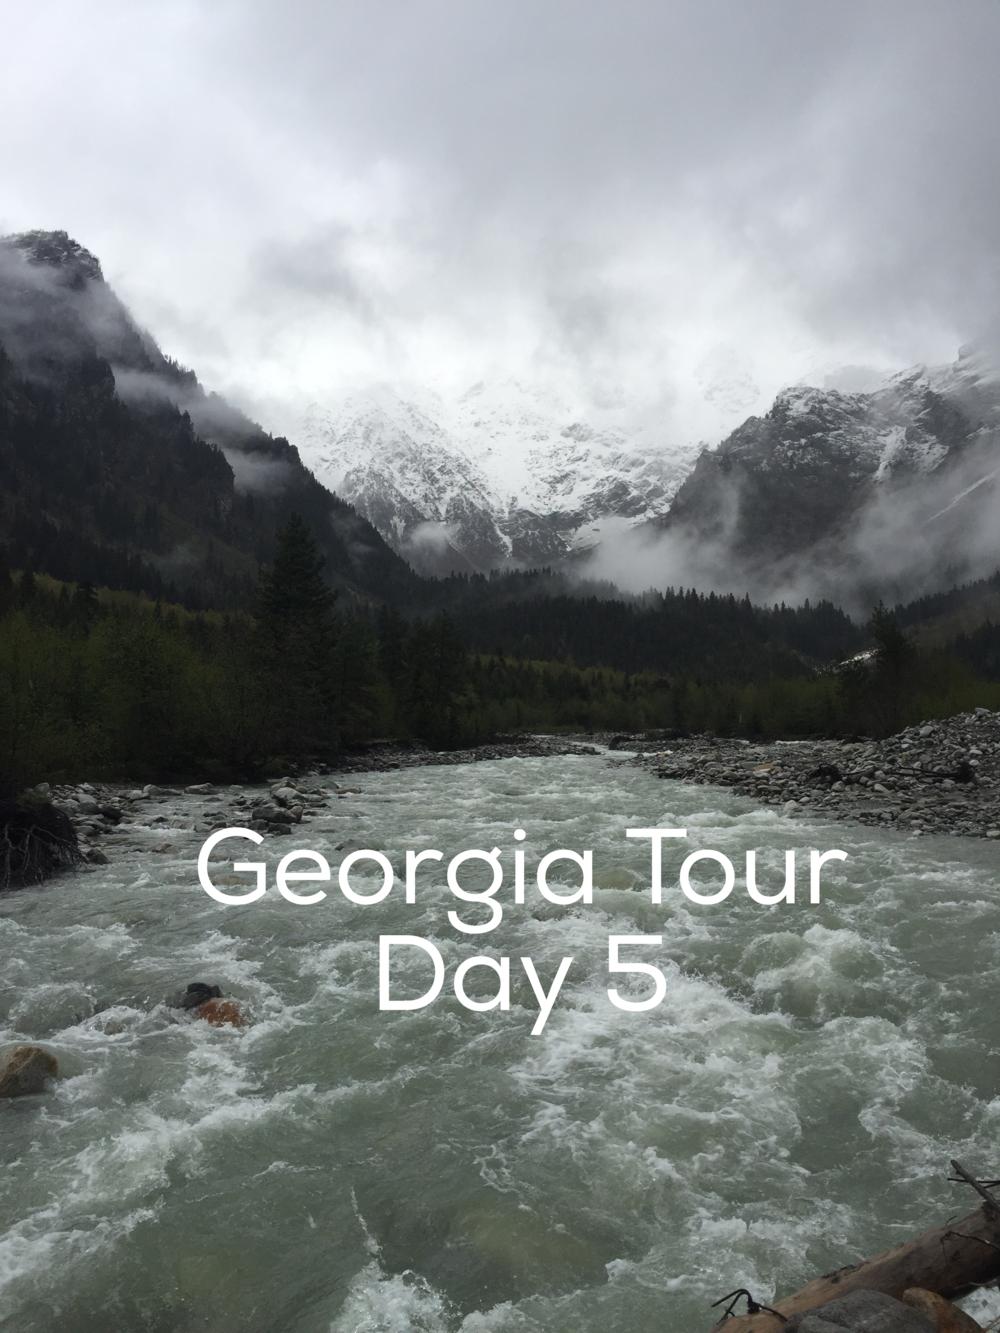 Day 5 Tour of Georgia